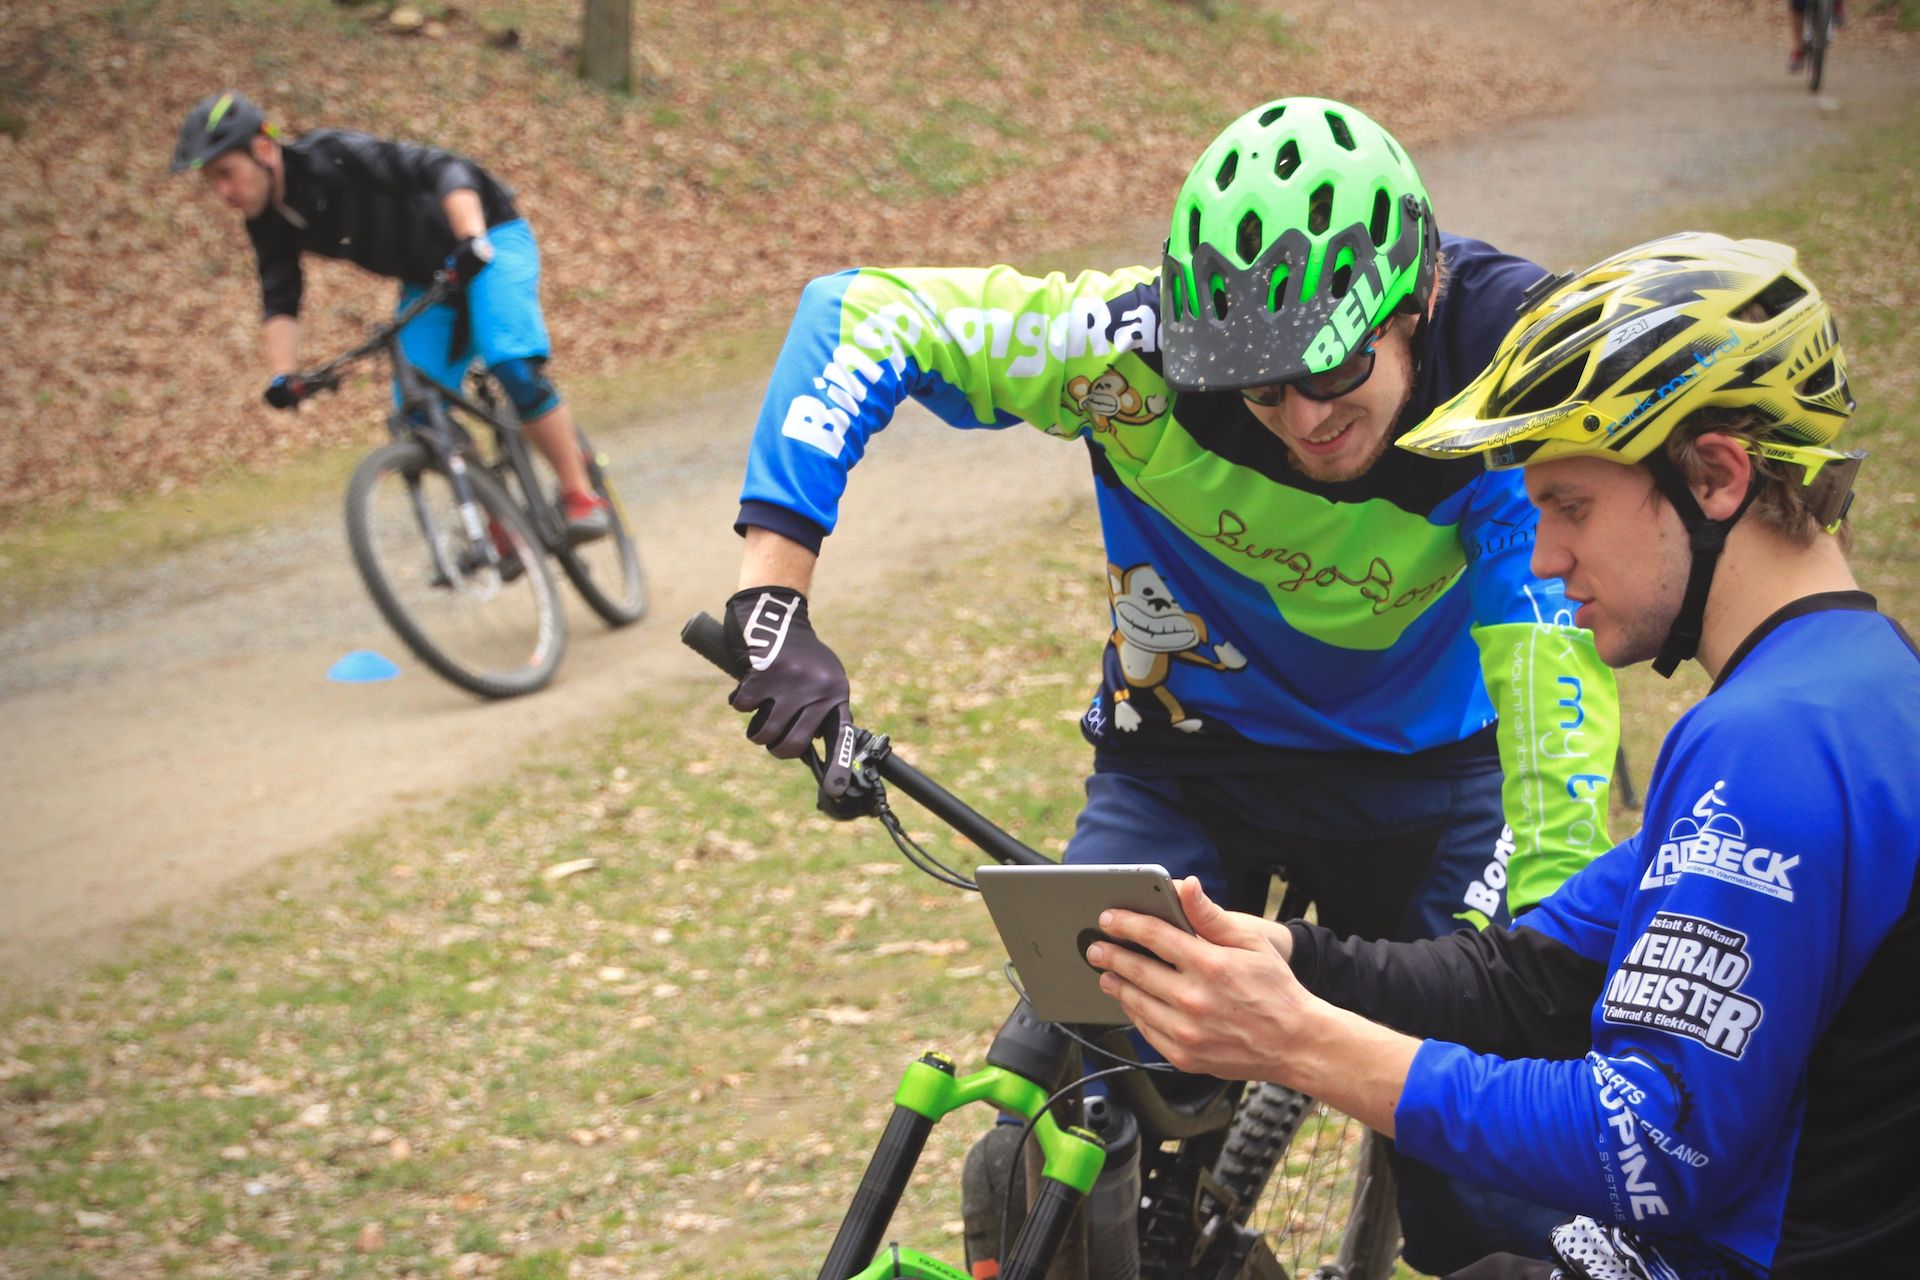 MTB Fahrtechnik Kurs Fortgeschrittene in Darmstadt - Mountainbike Fortgeschritten - Rock my Trail Bikeschule